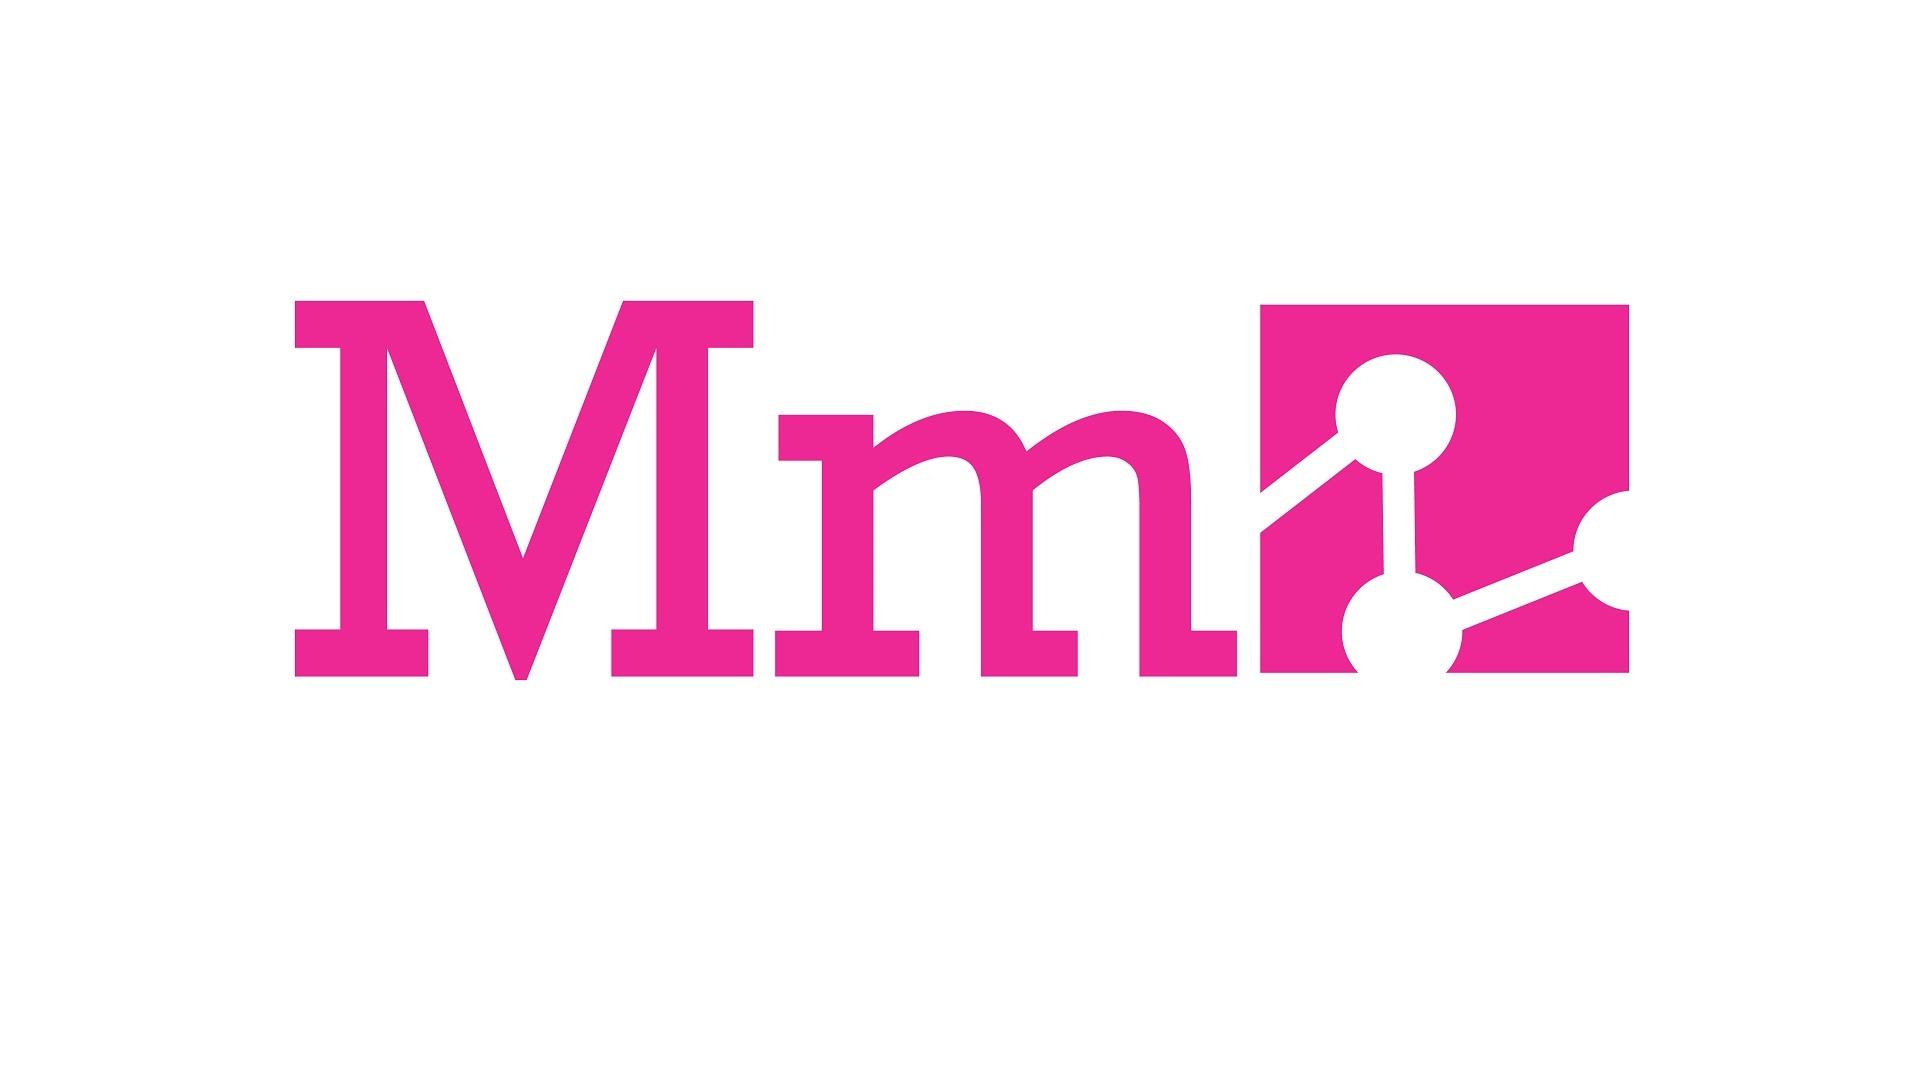 media molecule logo image